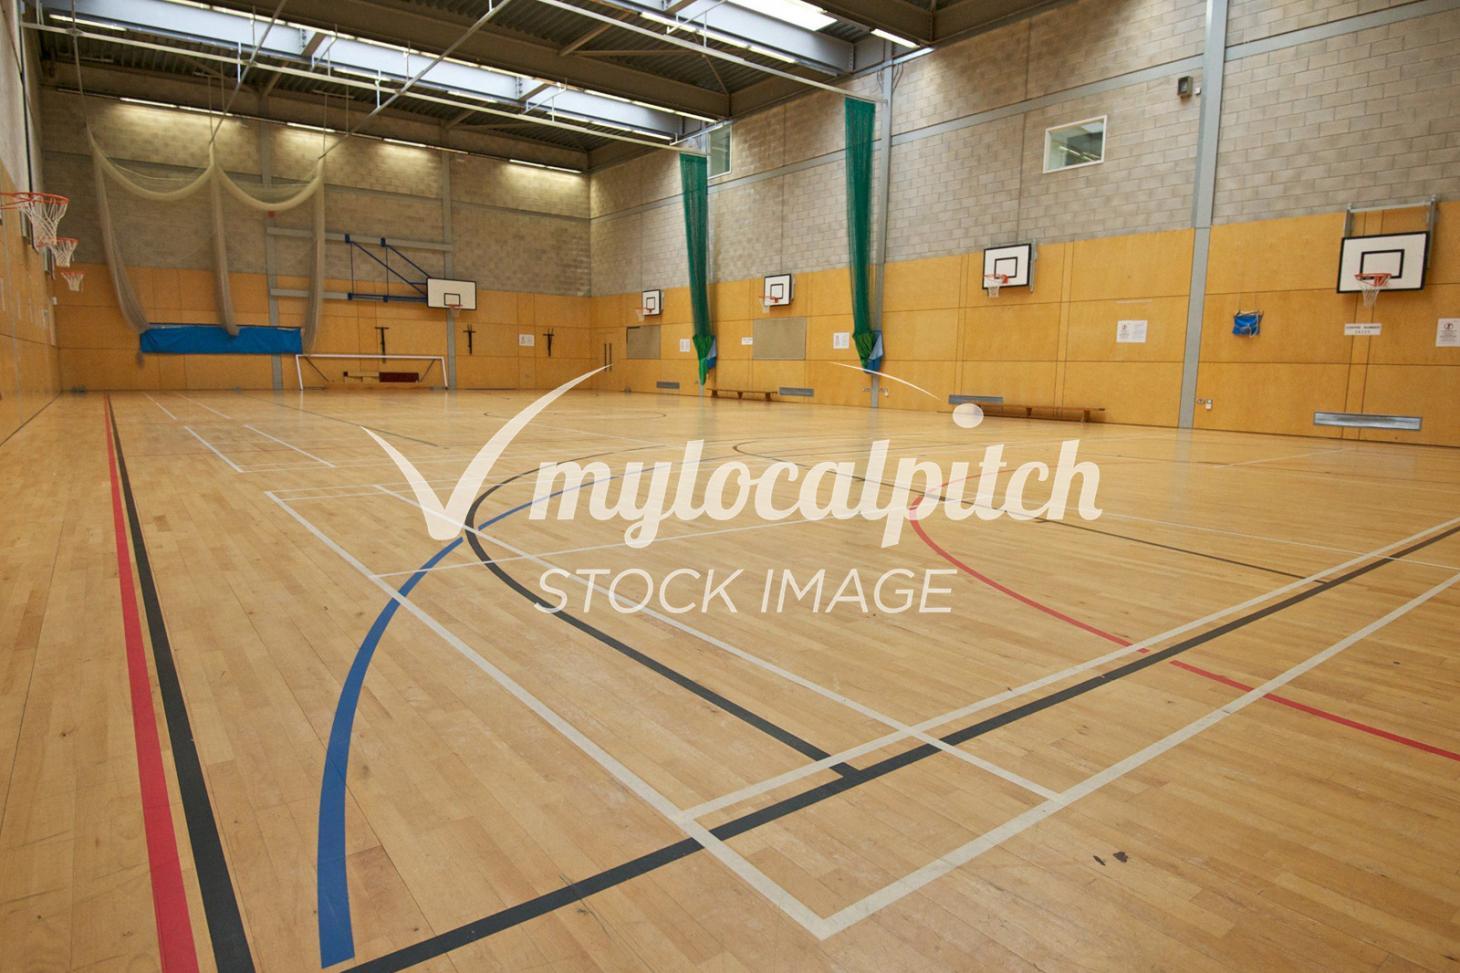 Stanborough School Indoor basketball court